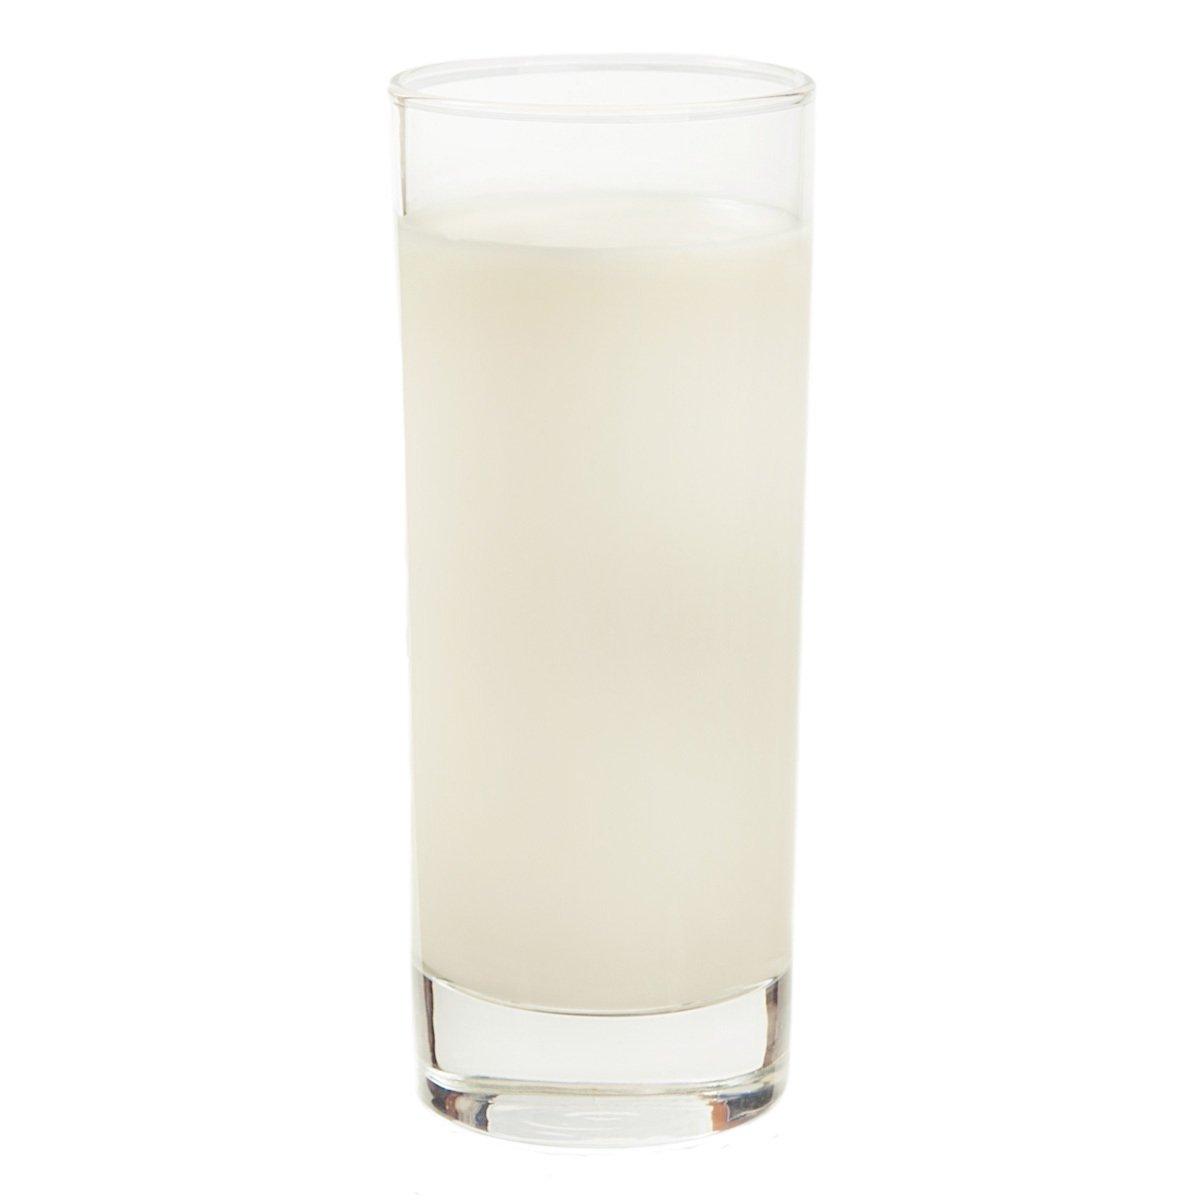 Сыворотка на козьем молоке